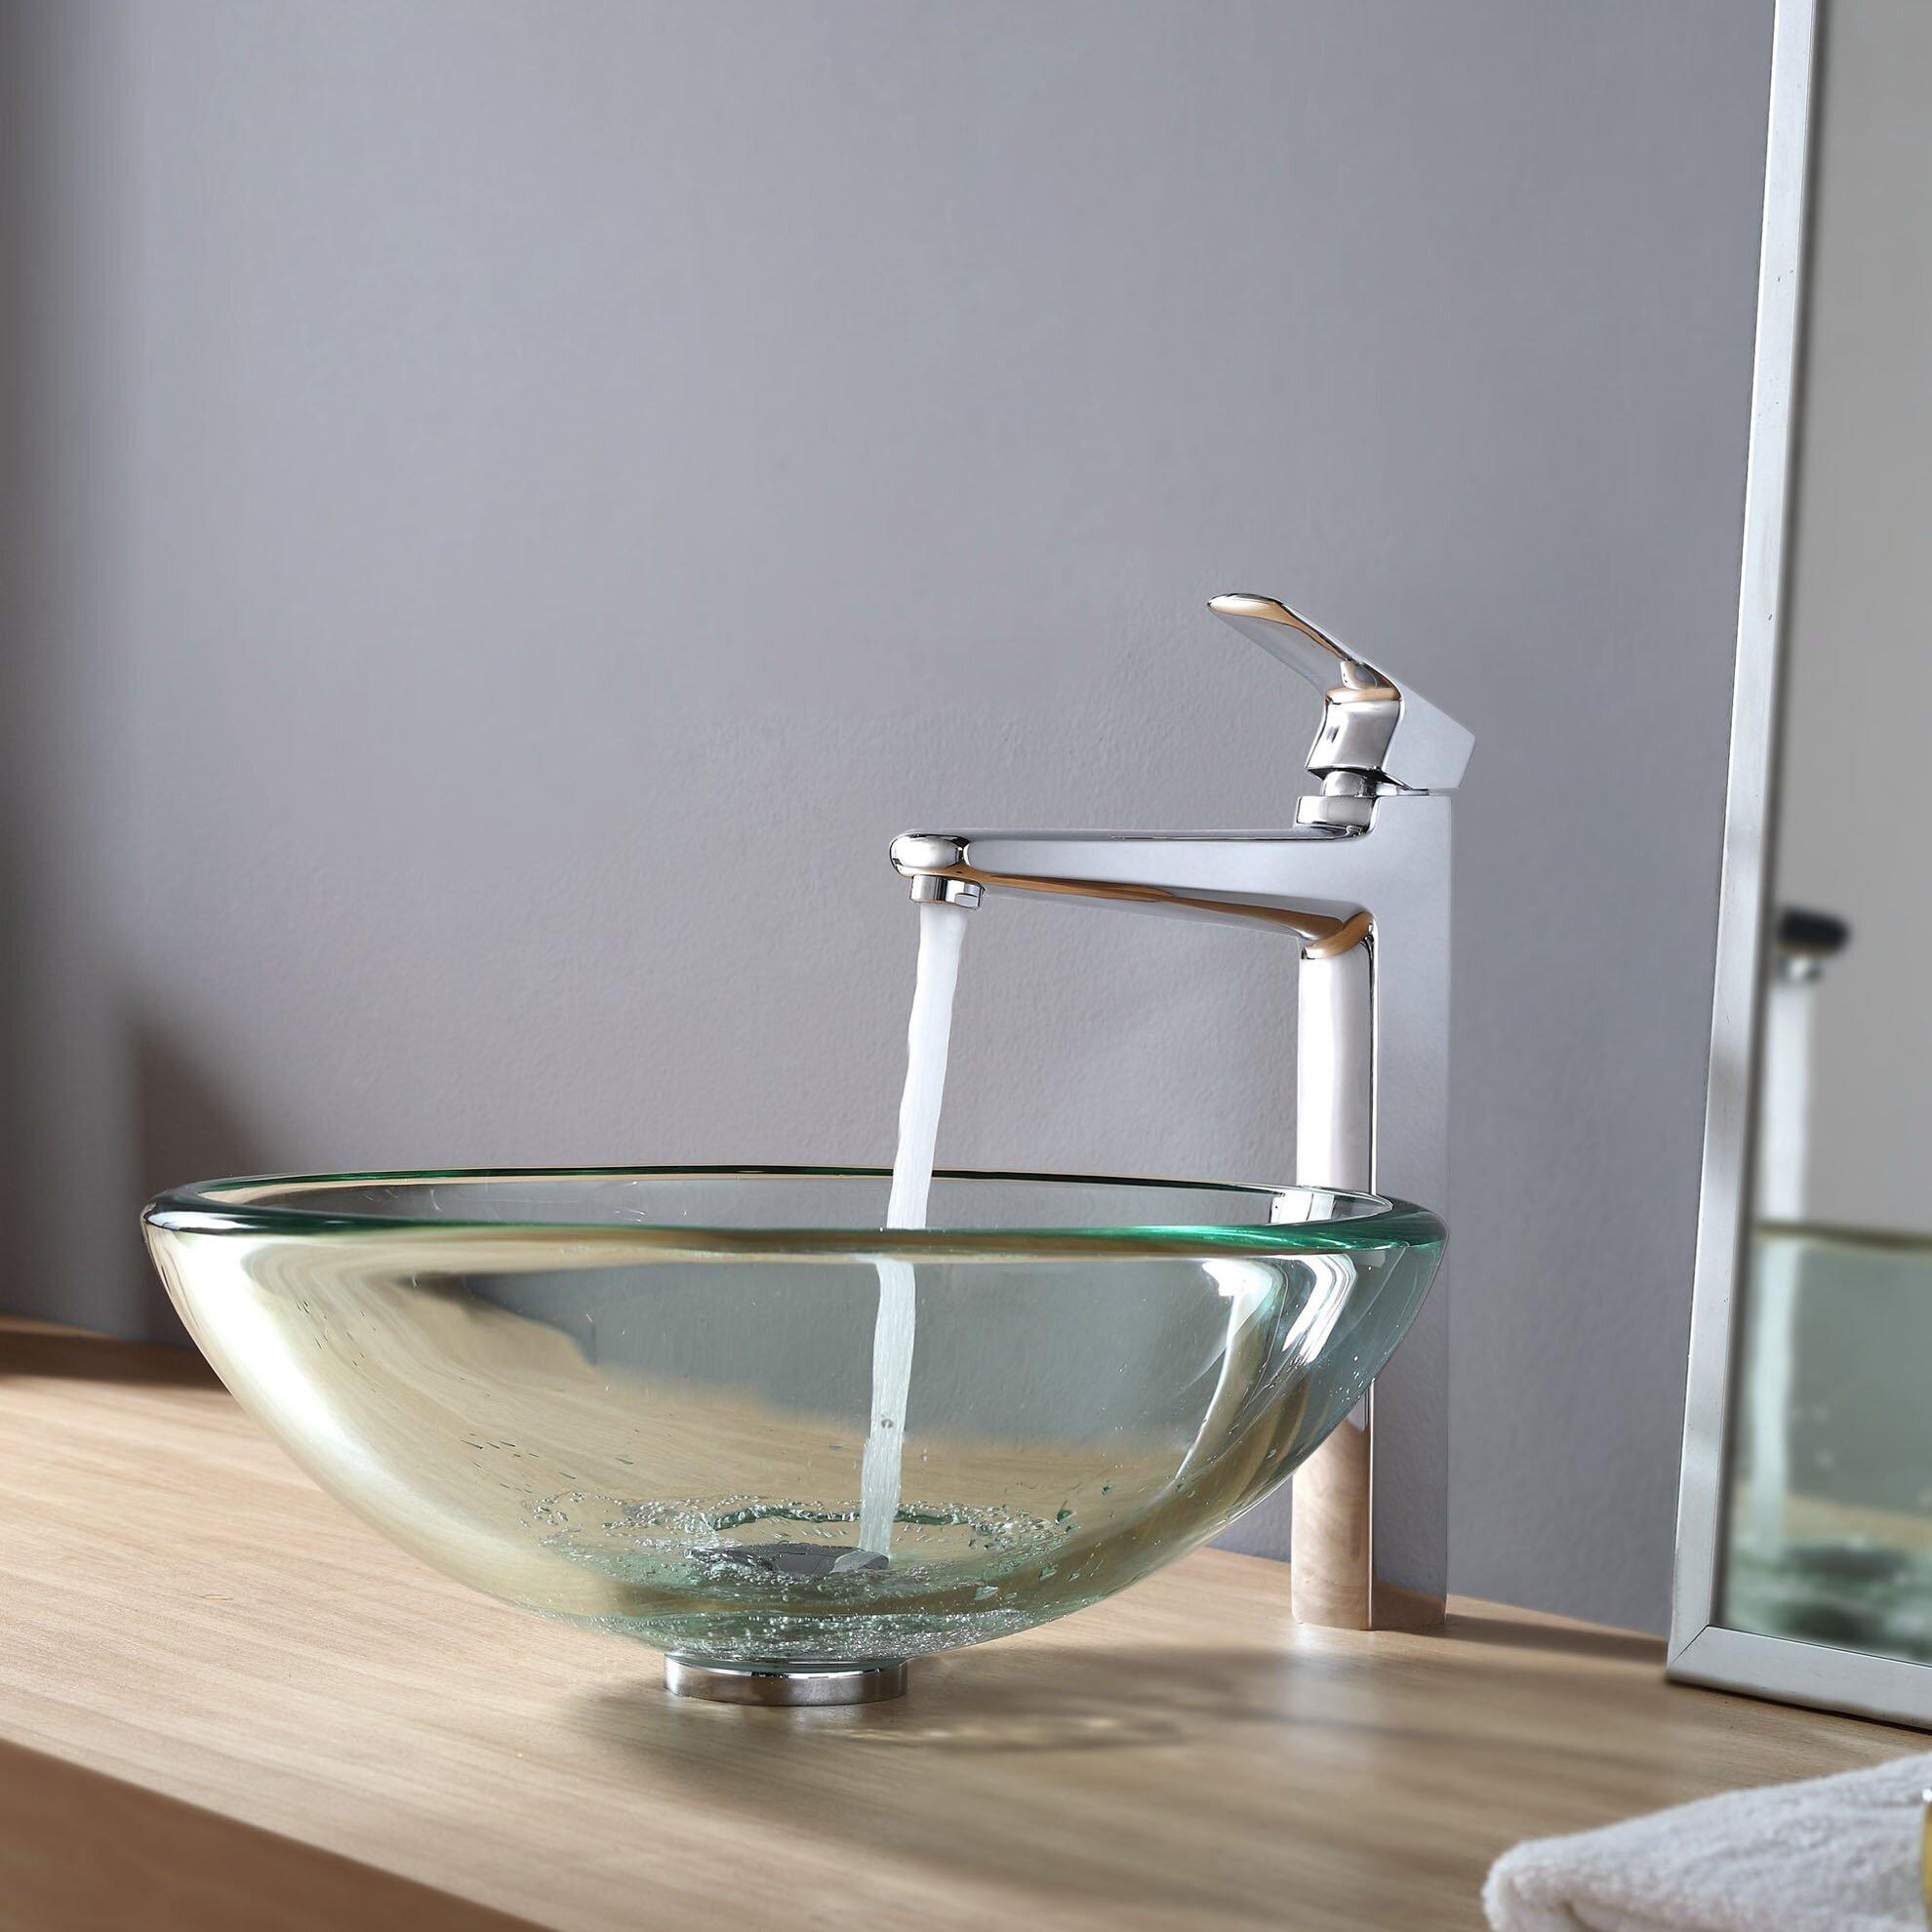 Kraus Sink Reviews : Kraus Vessel Bathroom Sink & Reviews Wayfair